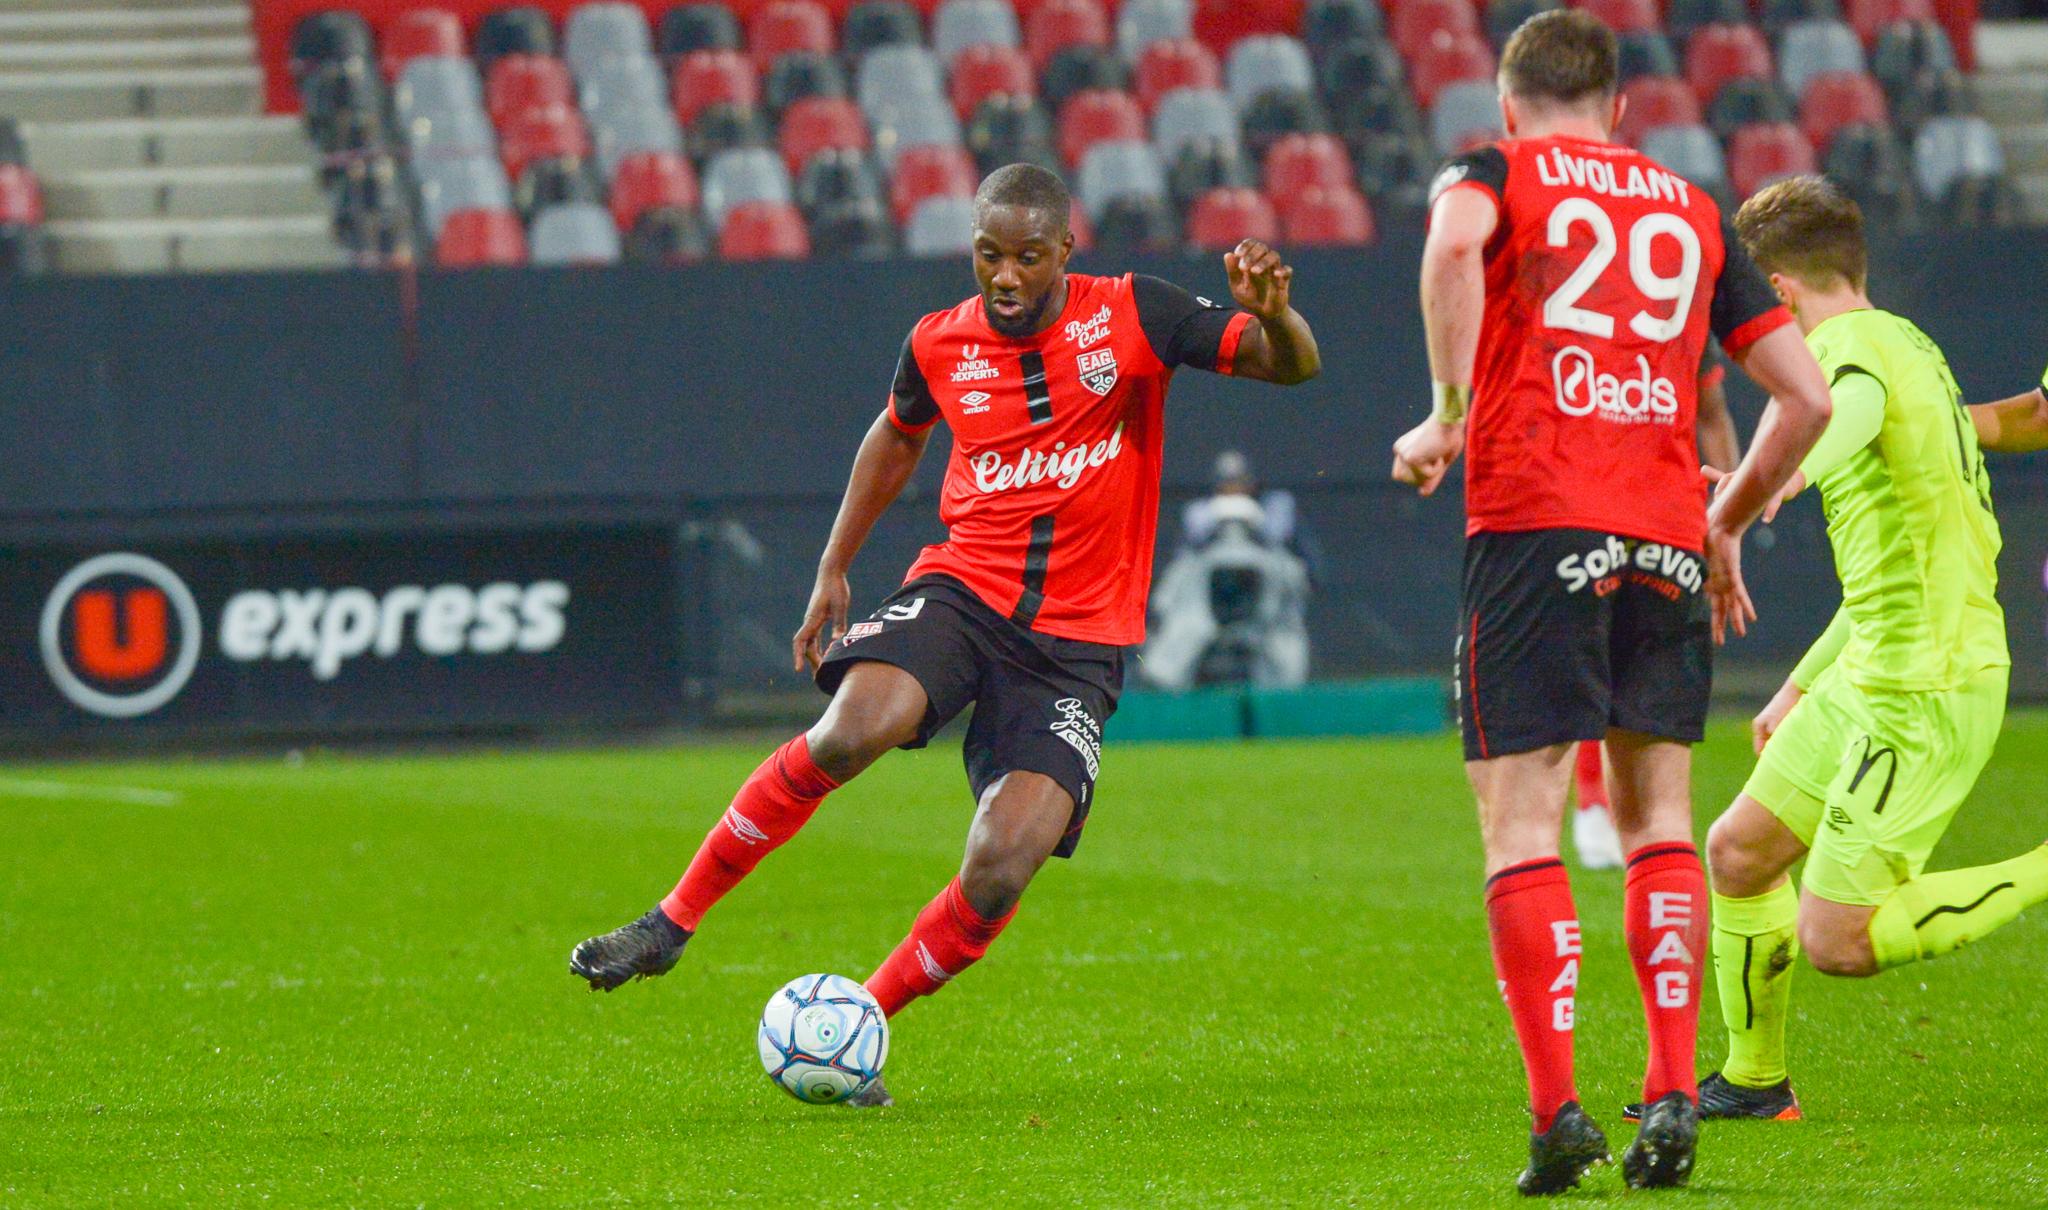 36 EA Guingamp SM Caen 2-2 Ligue 2 BKT Journée 26 2020-21 22 02 2021 EAGSMC